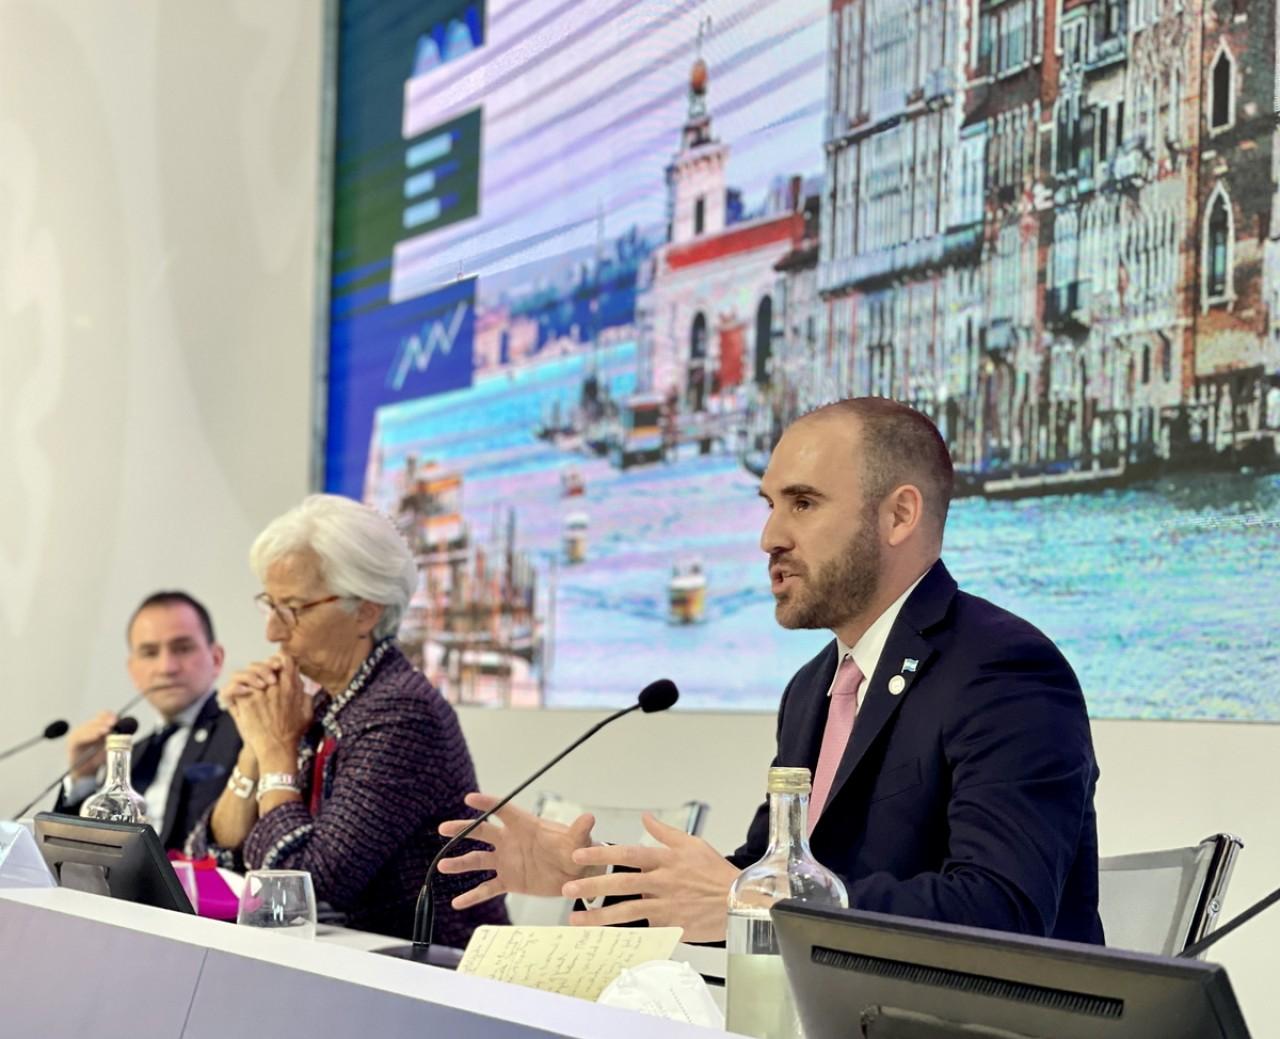 La Argentina será el país que menos crecerá en 2022, según la OCDE -  Noticias Argentinas